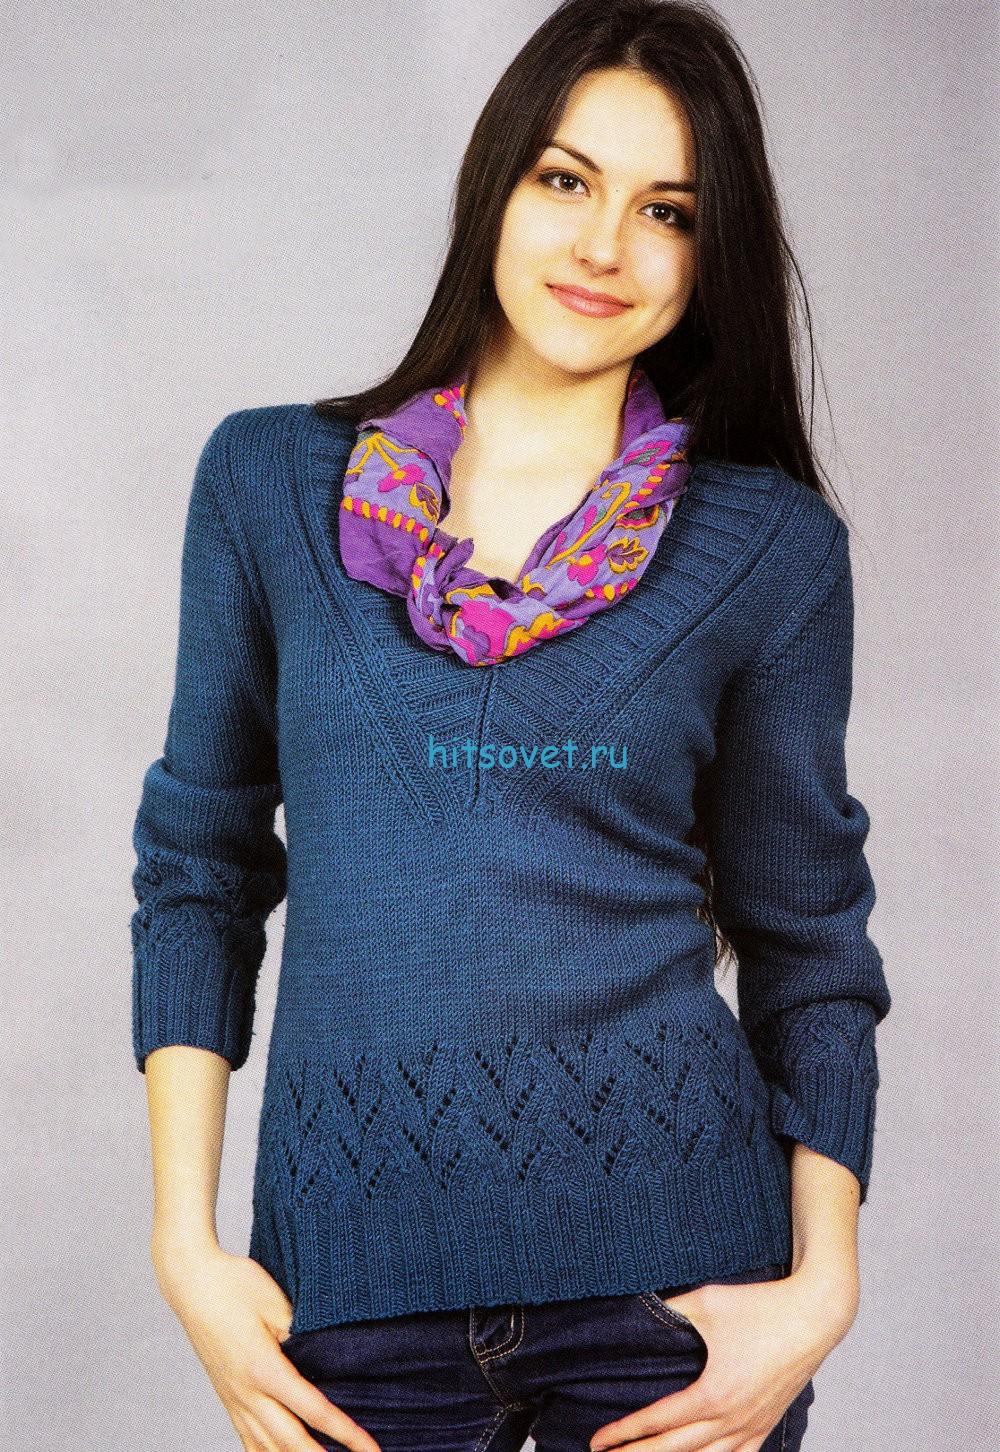 Женский пуловер спицами с ажурными узором